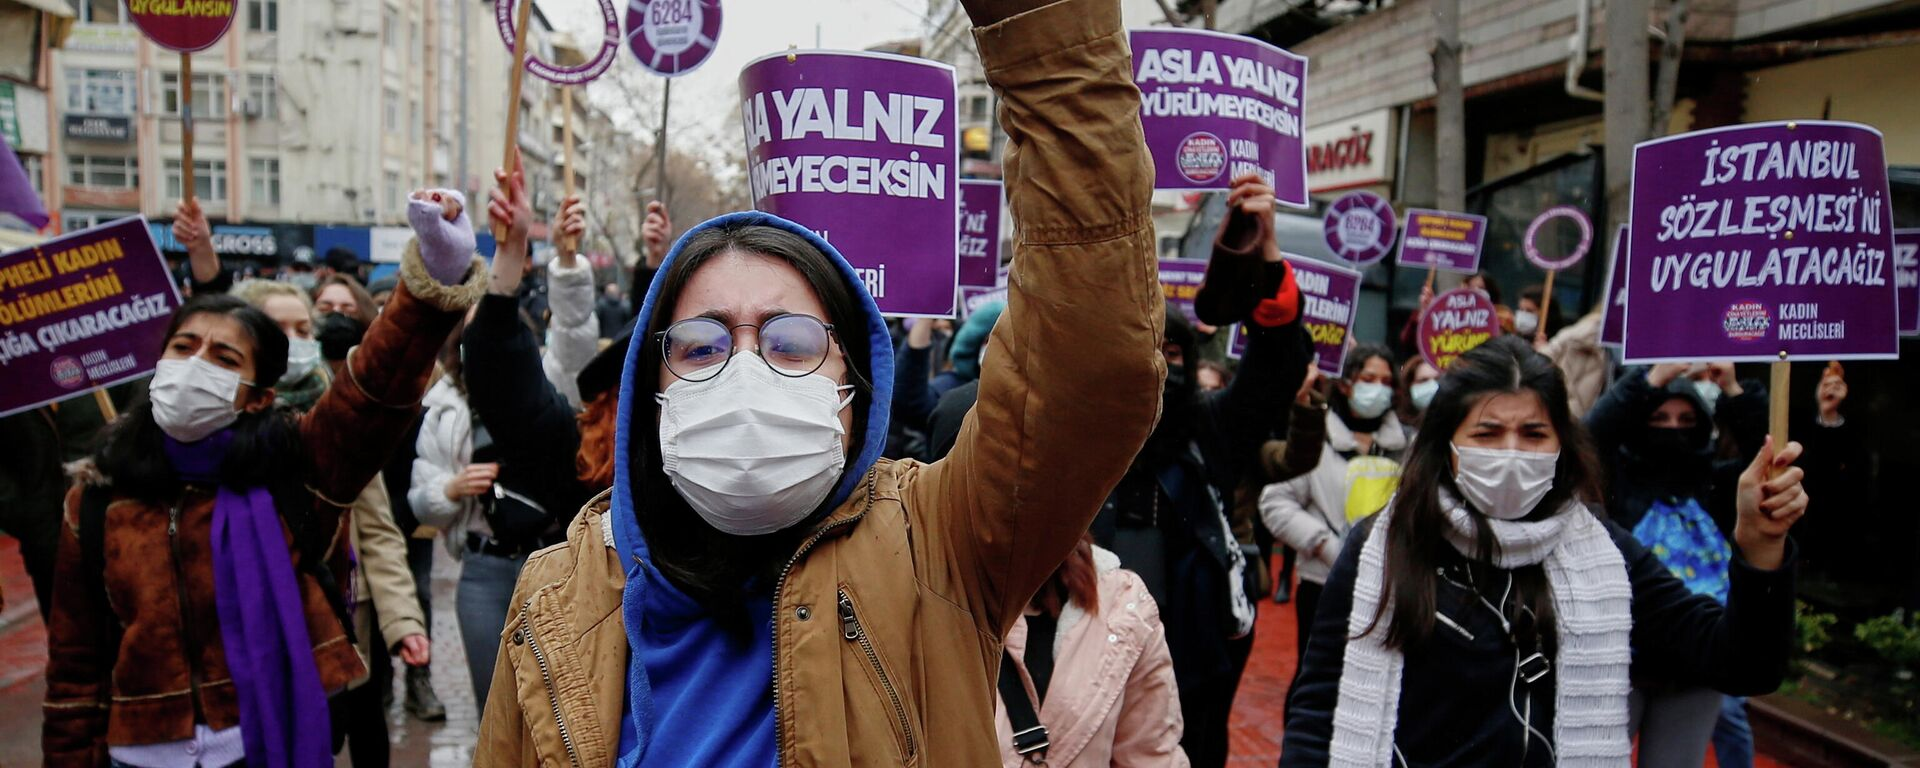 Aktivistinnen protestieren gegen Austritt der Türkei aus der Istanbul-Konvention  - SNA, 1920, 20.03.2021